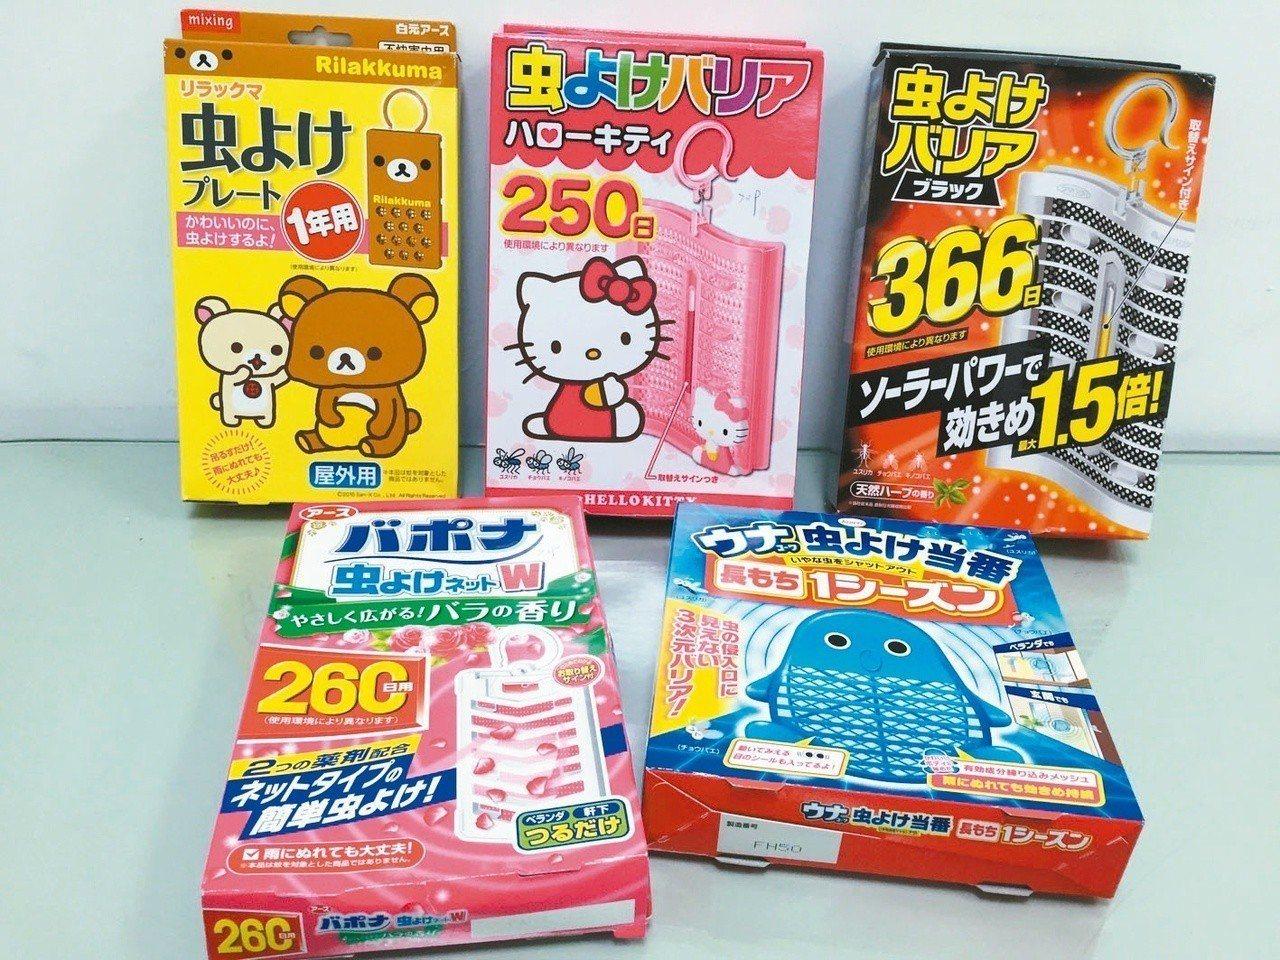 新北市環保局發現,許多民眾不具有環境用藥販售證,卻在網路上販售日本製的卡通造型防...